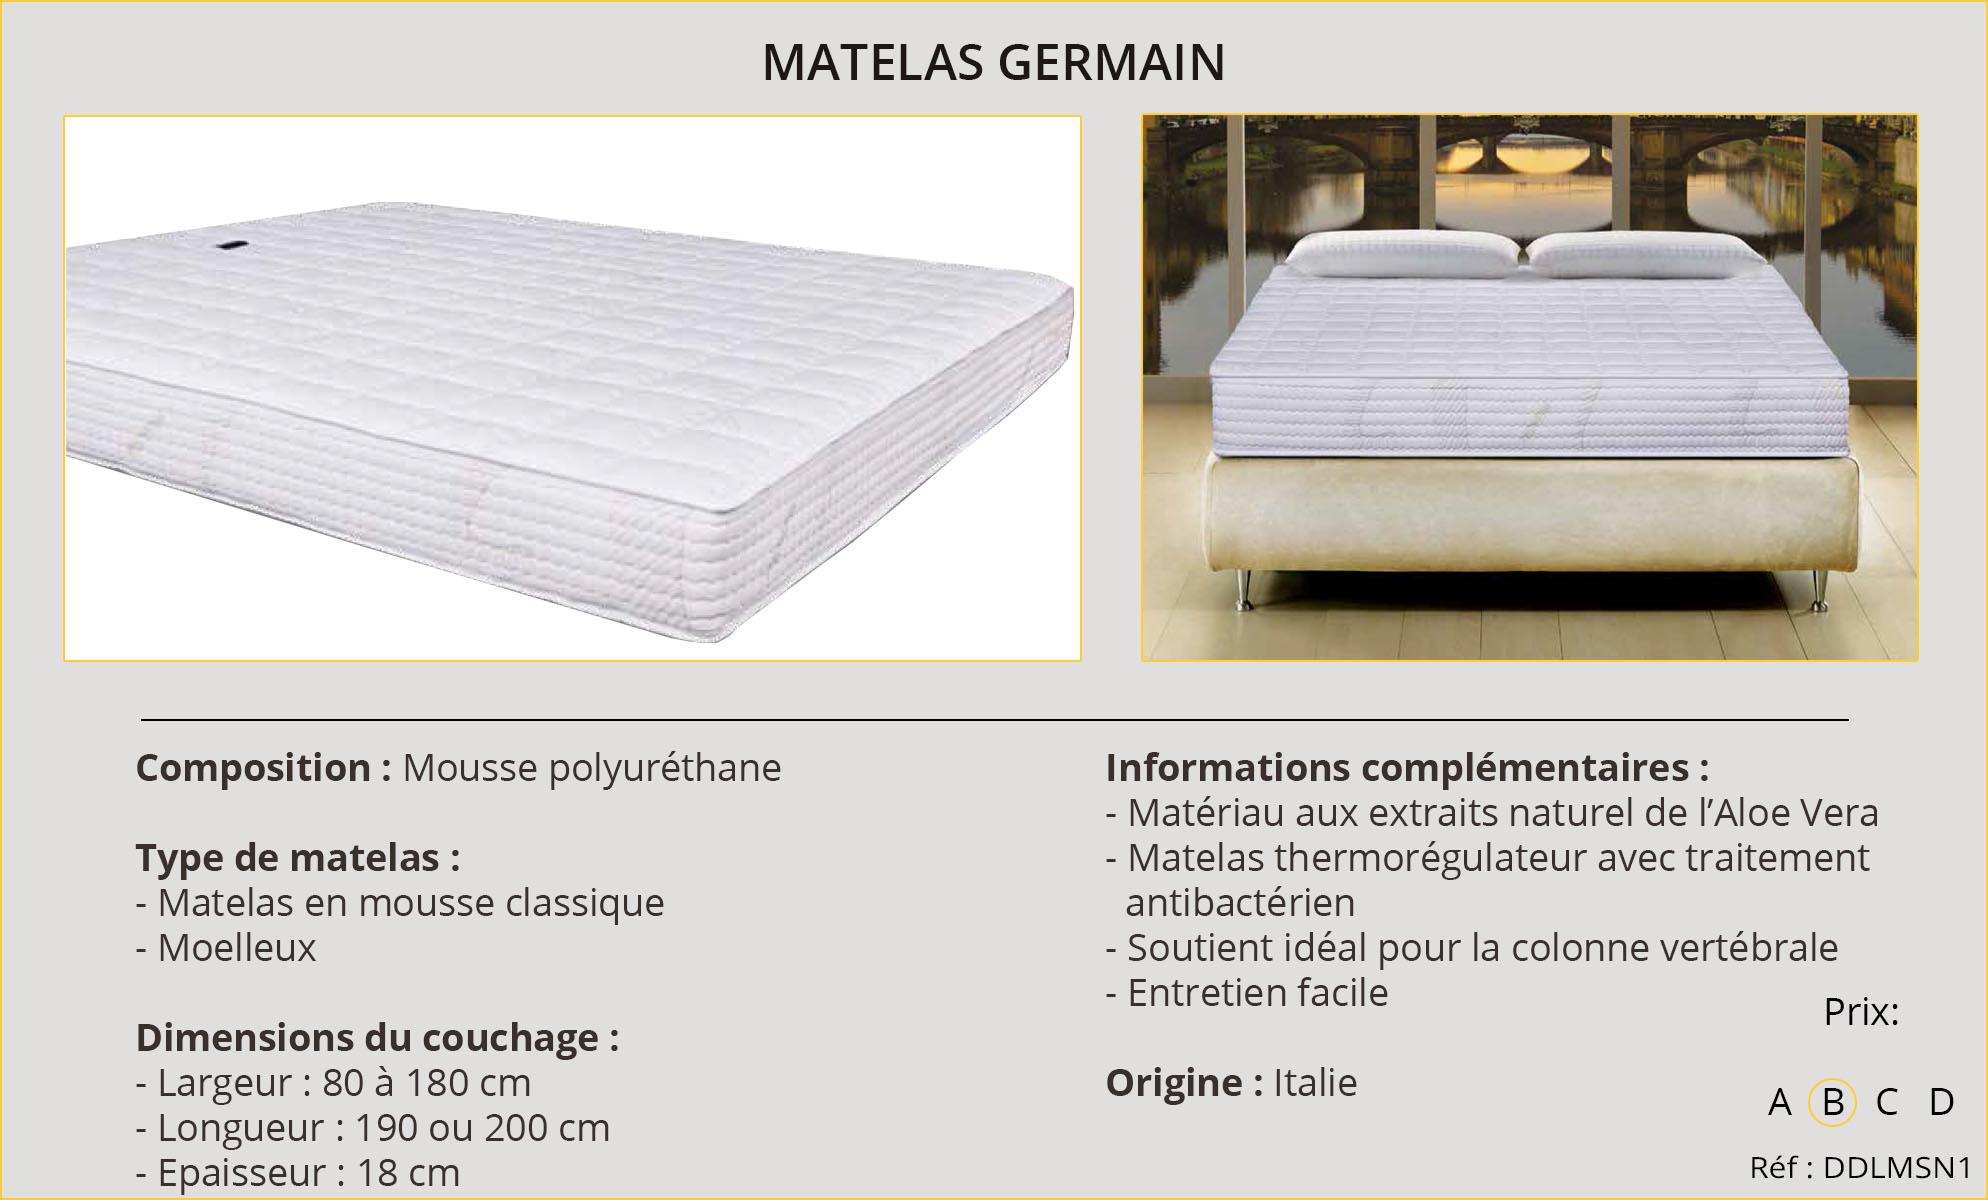 Rideaux-Hôtels Matelas Germain